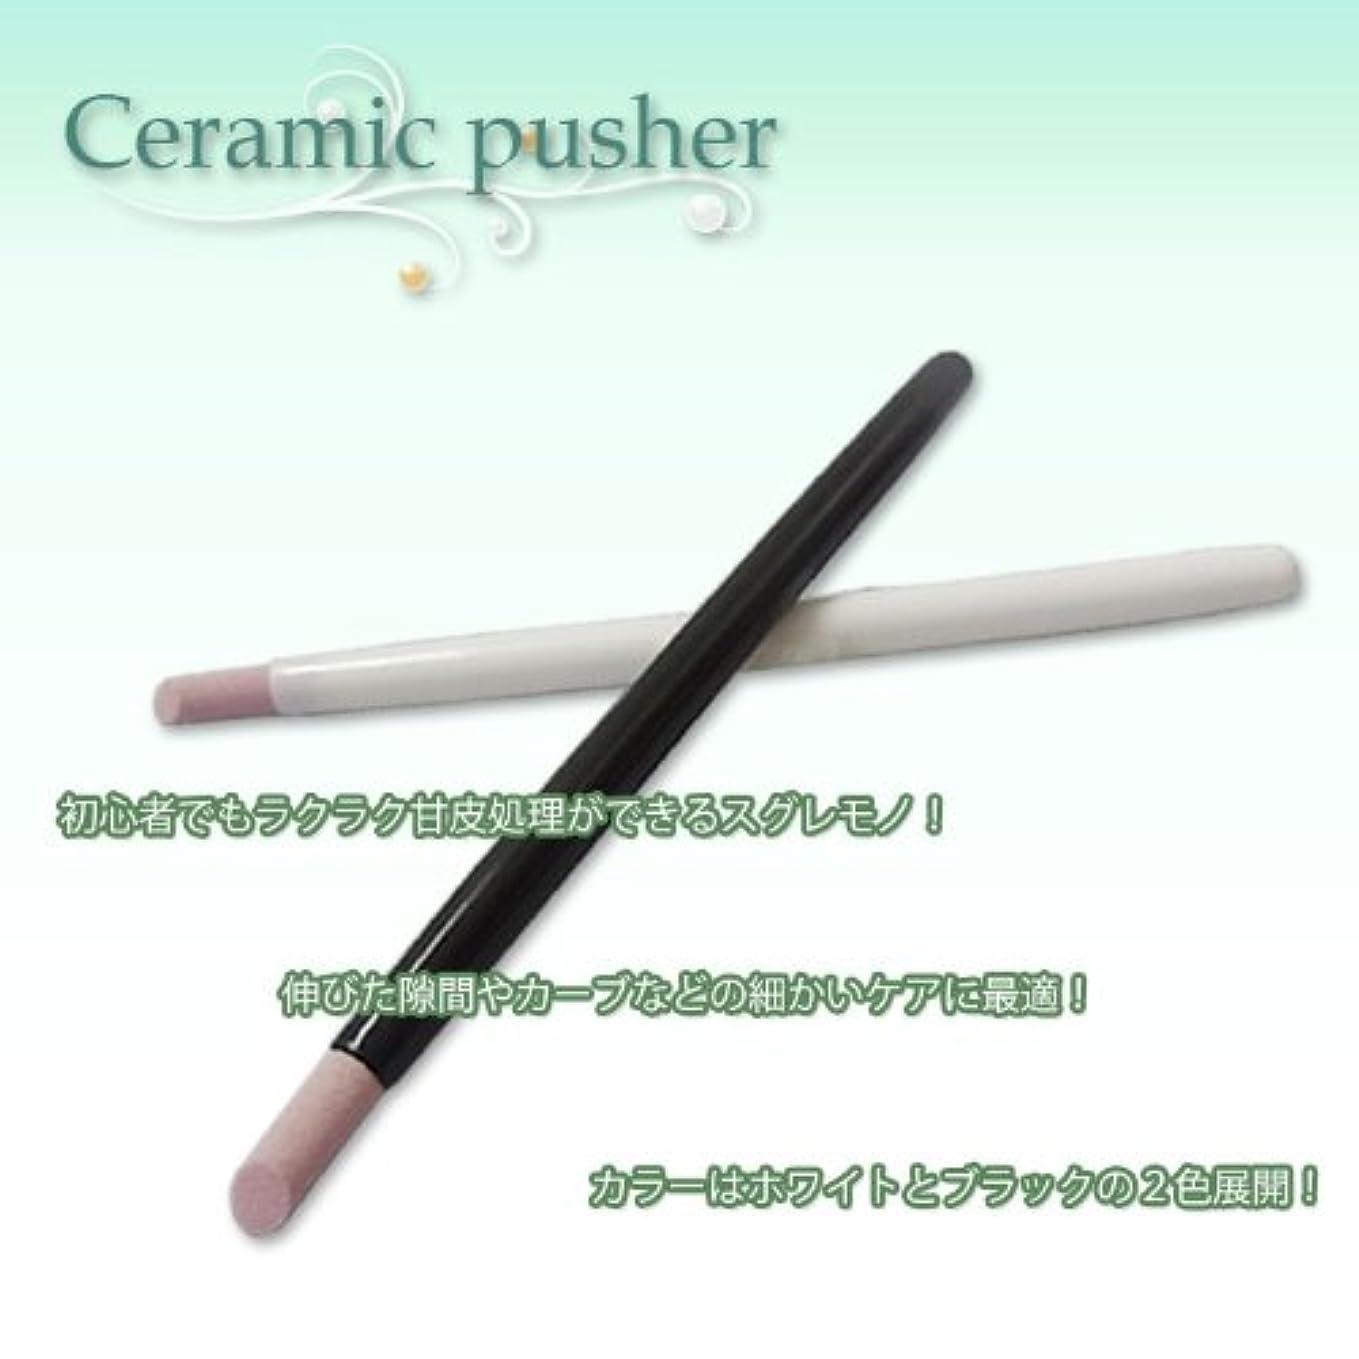 認証崩壊安定【ジェルネイル】セラミックプッシャー〈 簡単便利なペンタイプ 〉全長140mm (ホワイト)